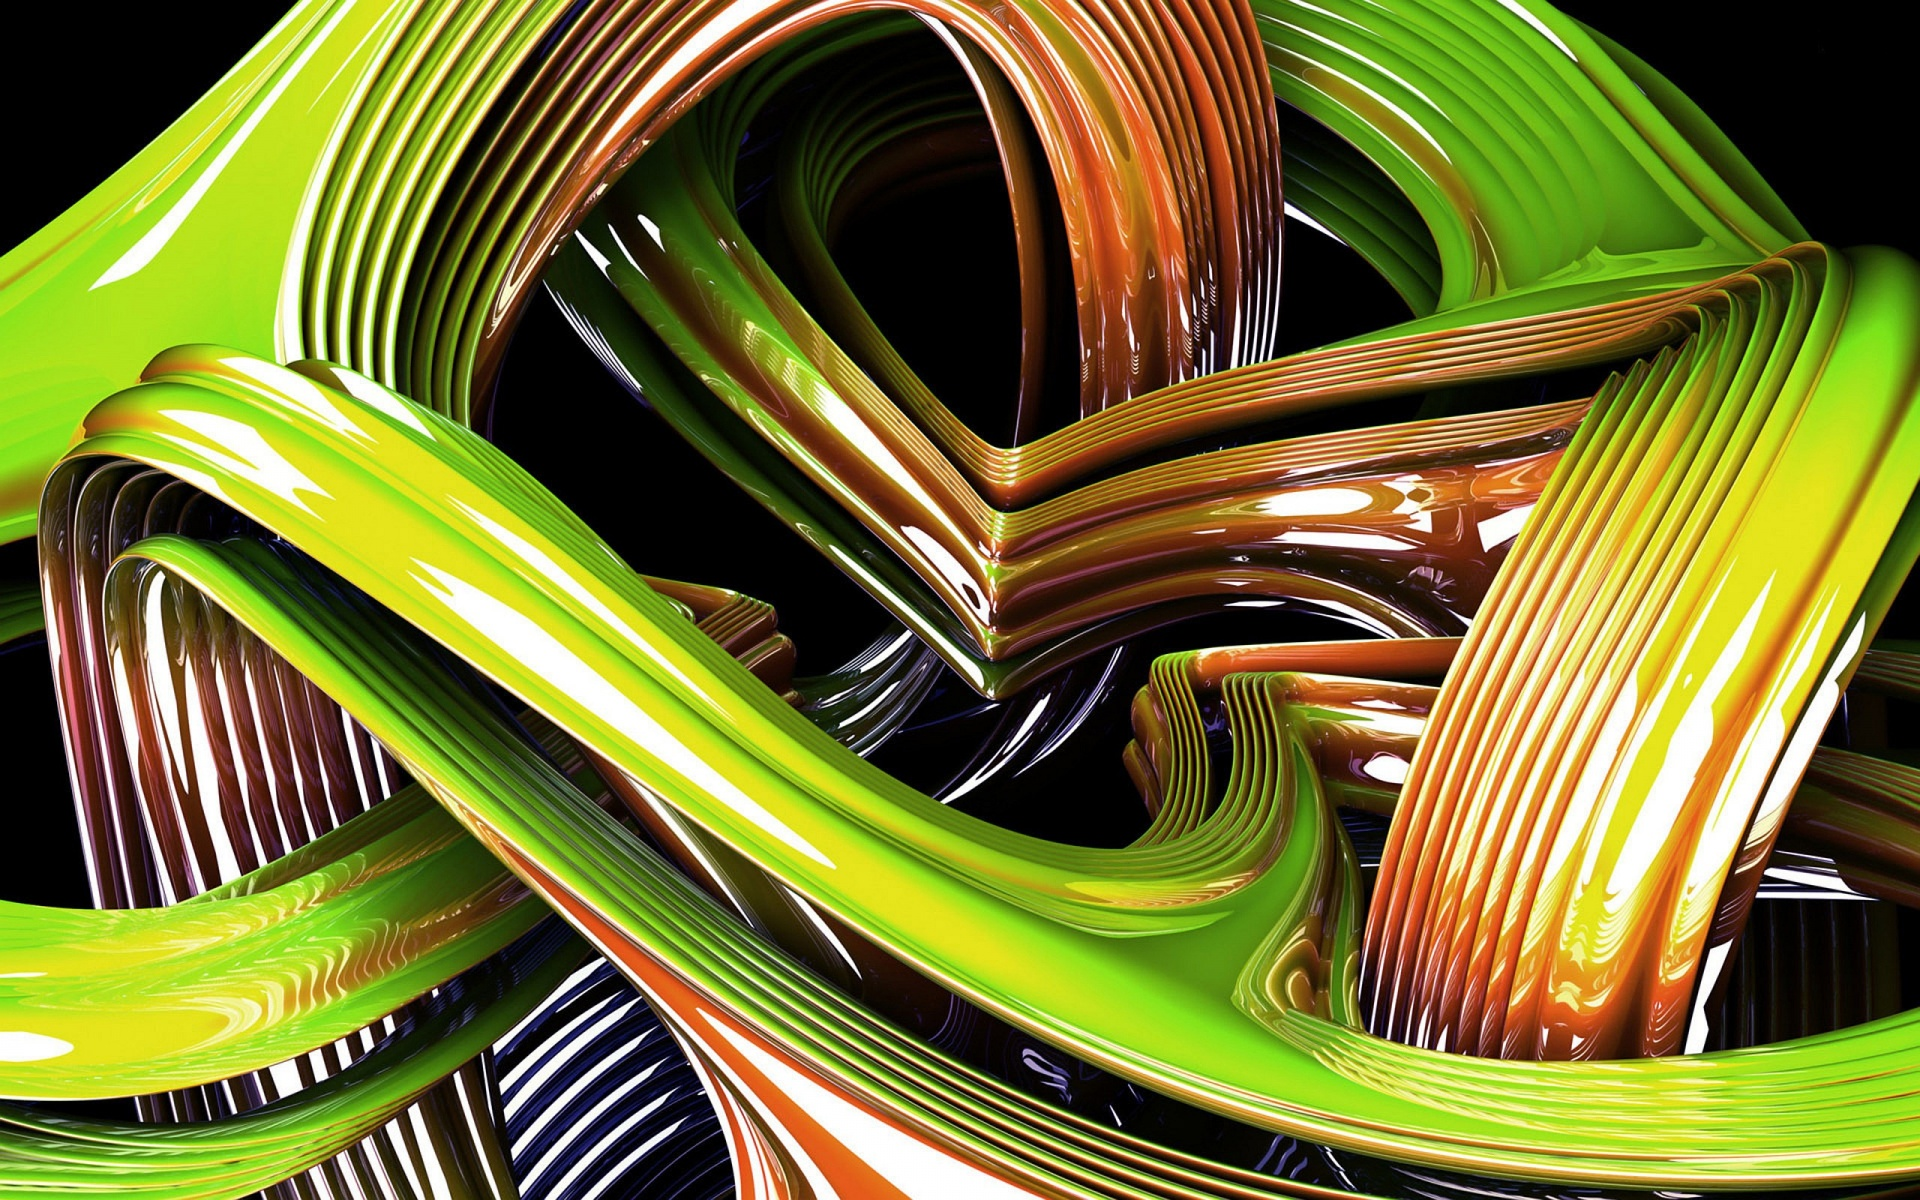 Green Creation wallpaper